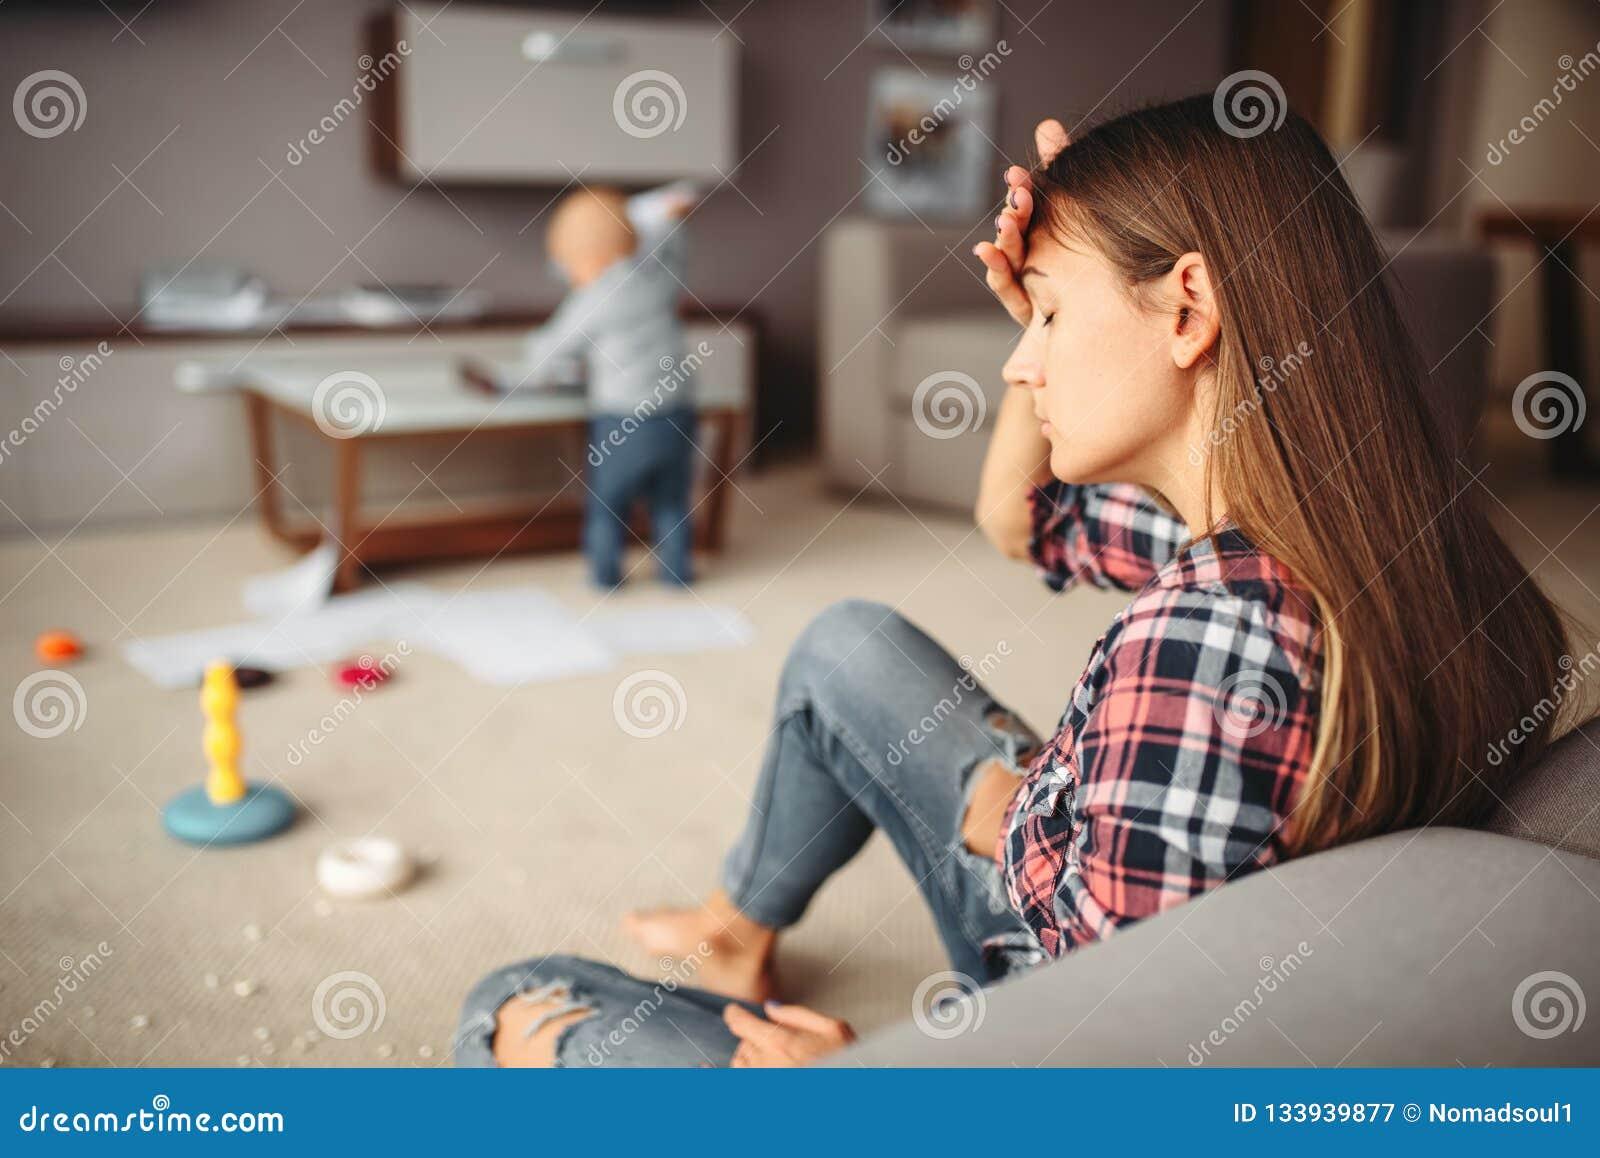 Немногое ребенок играя в комнате, мать в стрессе